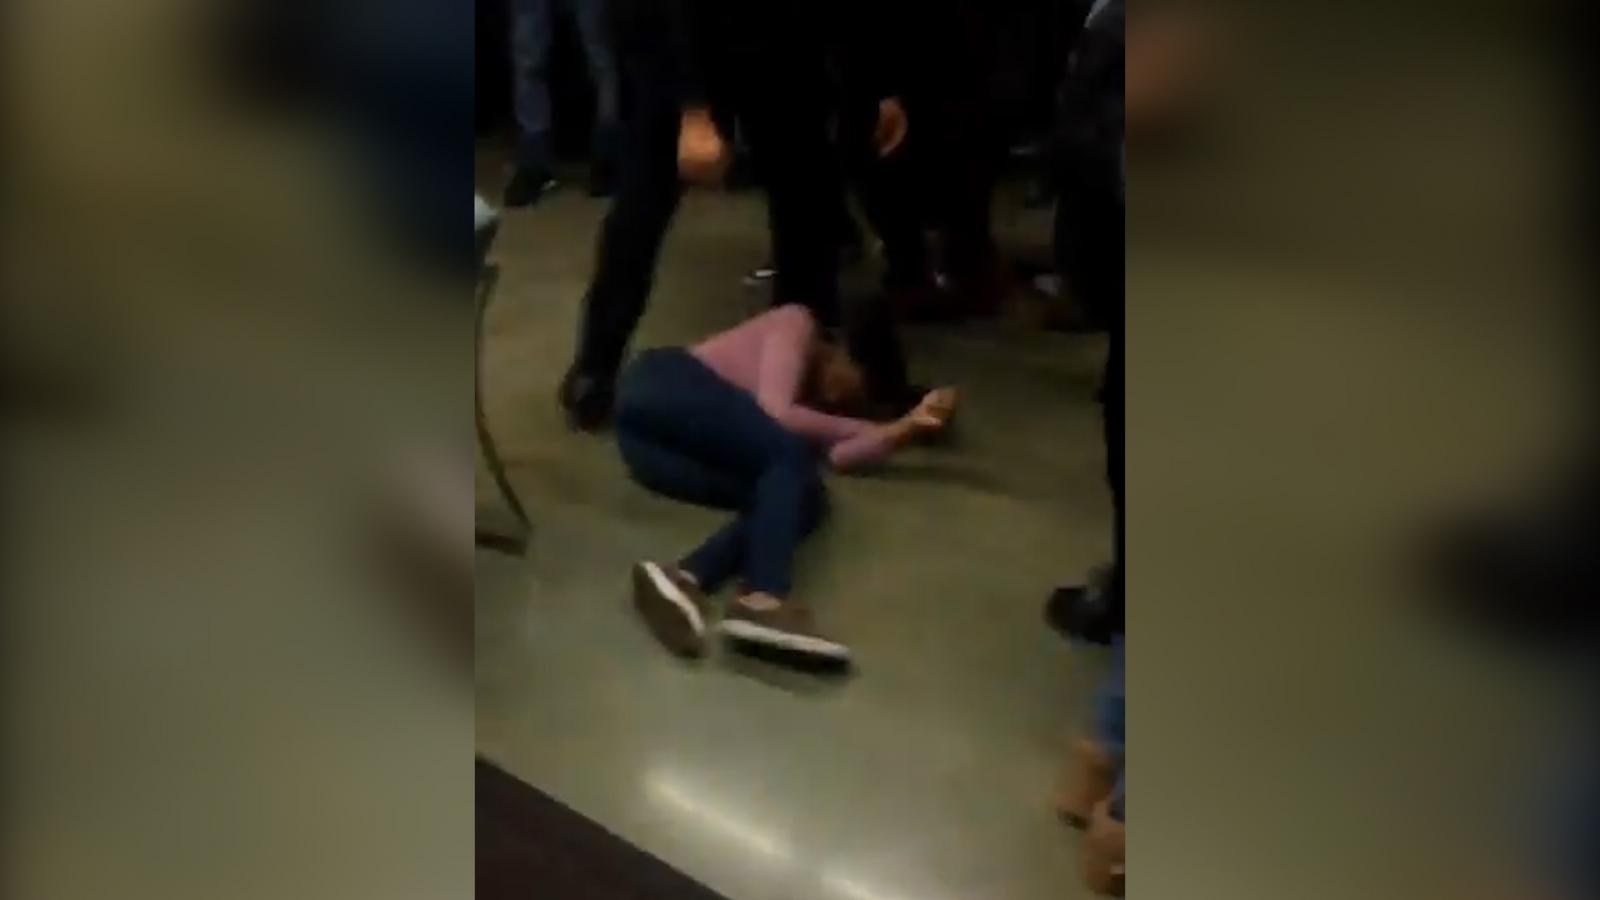 Video Shows North Carolina Officer Slamming High School